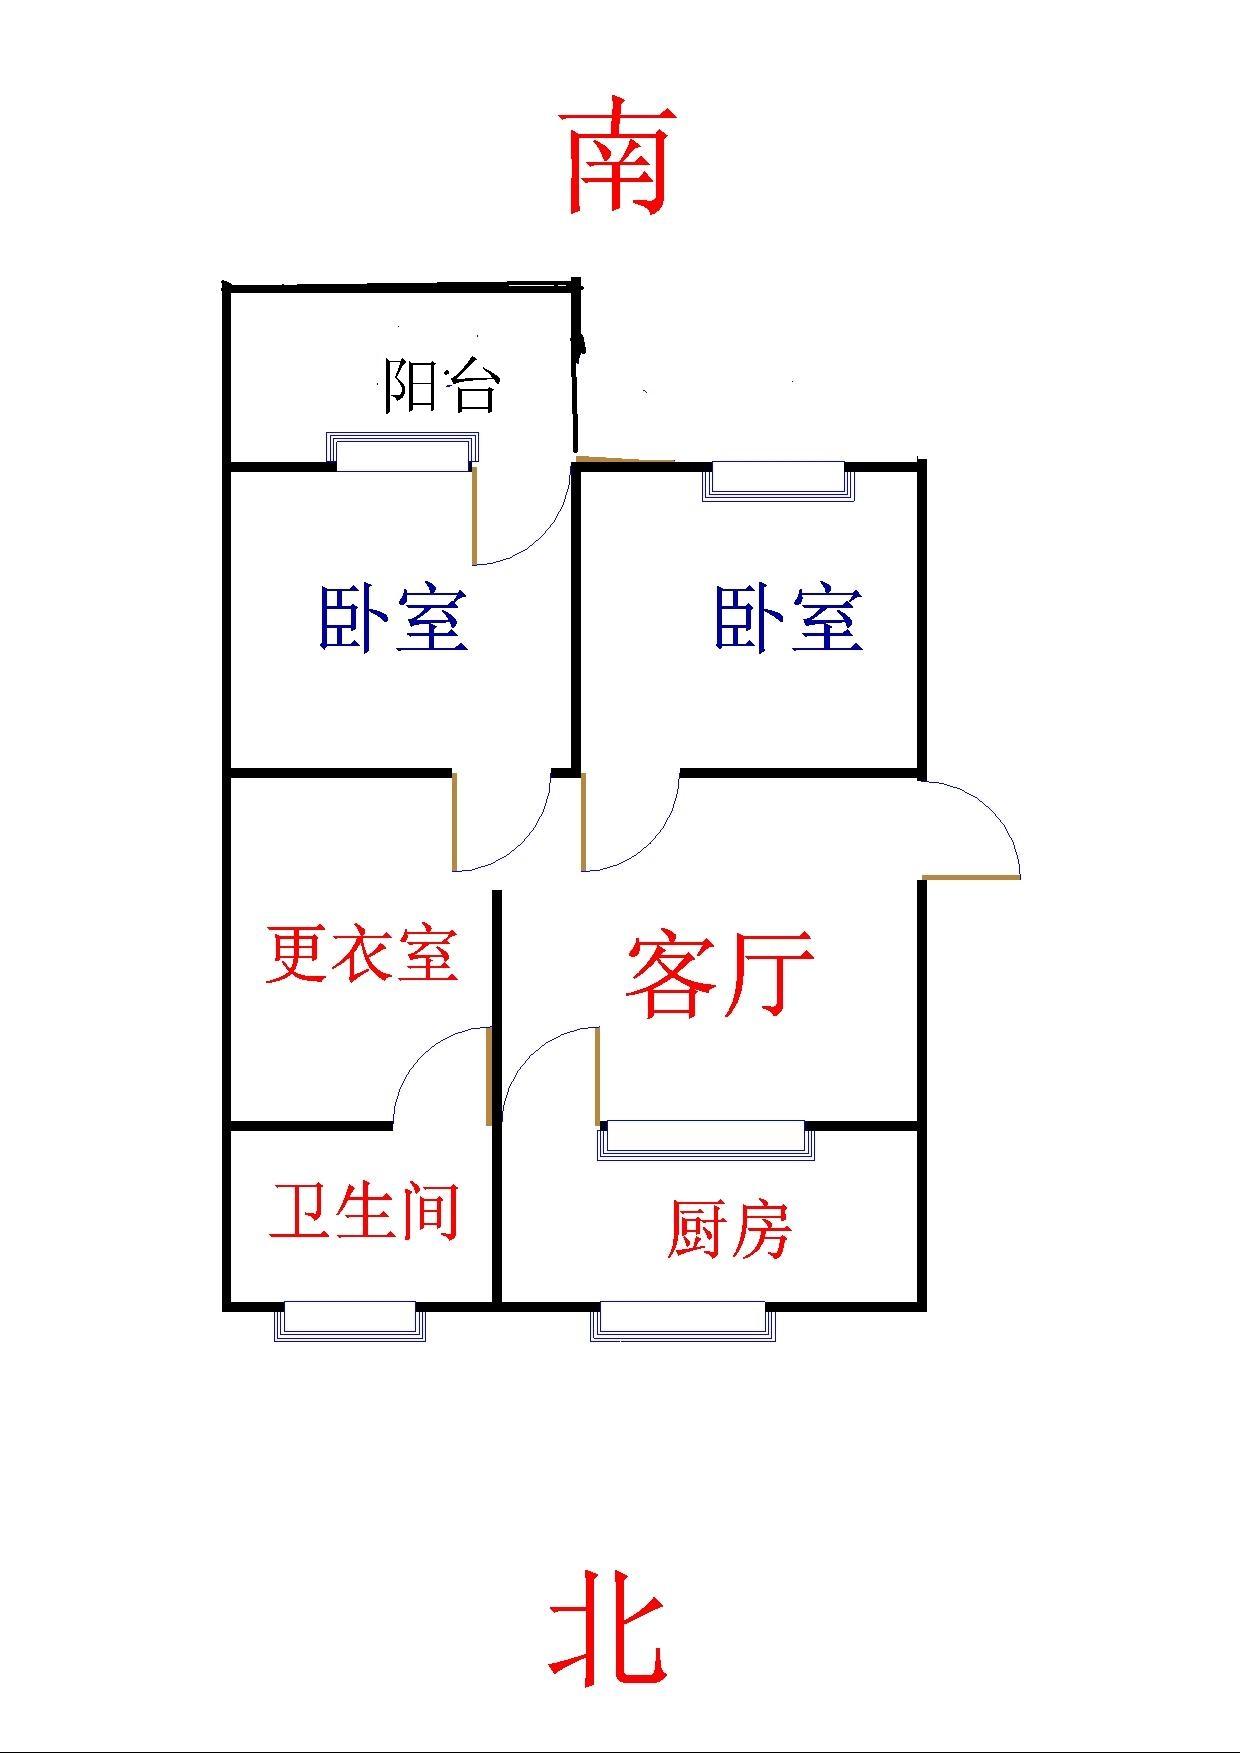 新华印刷厂宿舍 2室1厅 双证齐全过五年 简装 61万